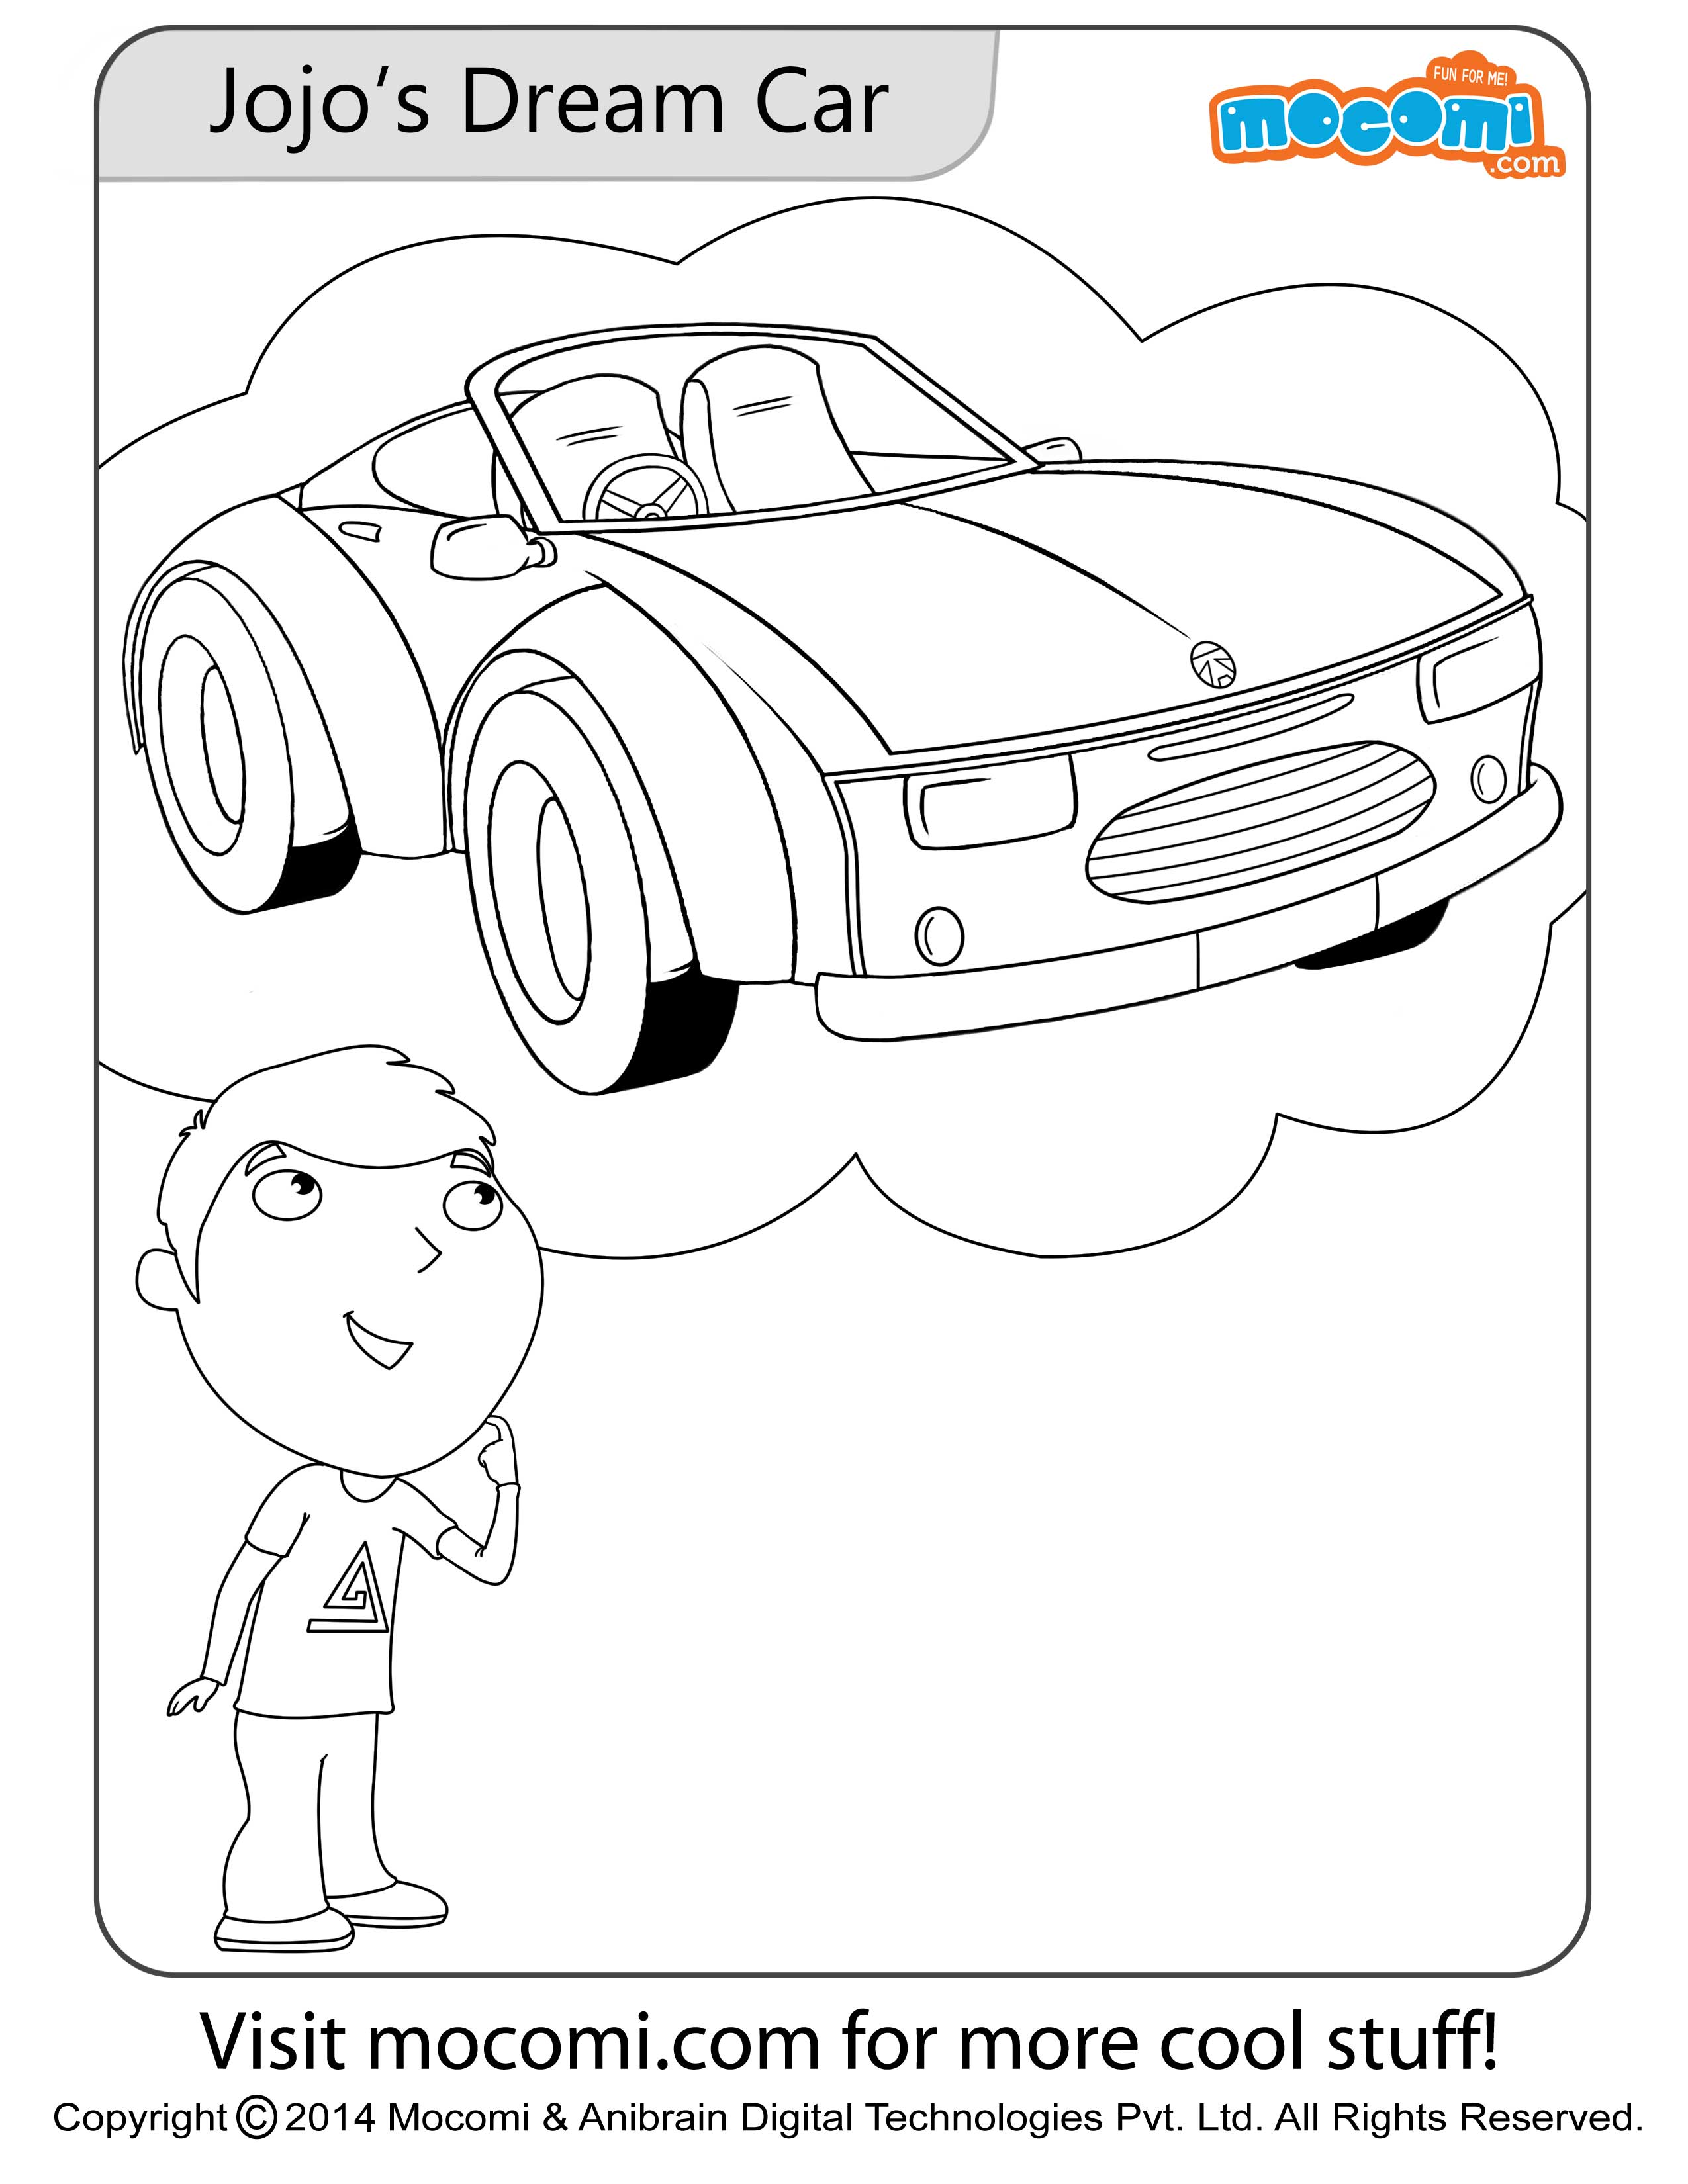 Jojo's Dream Car – Colouring Page